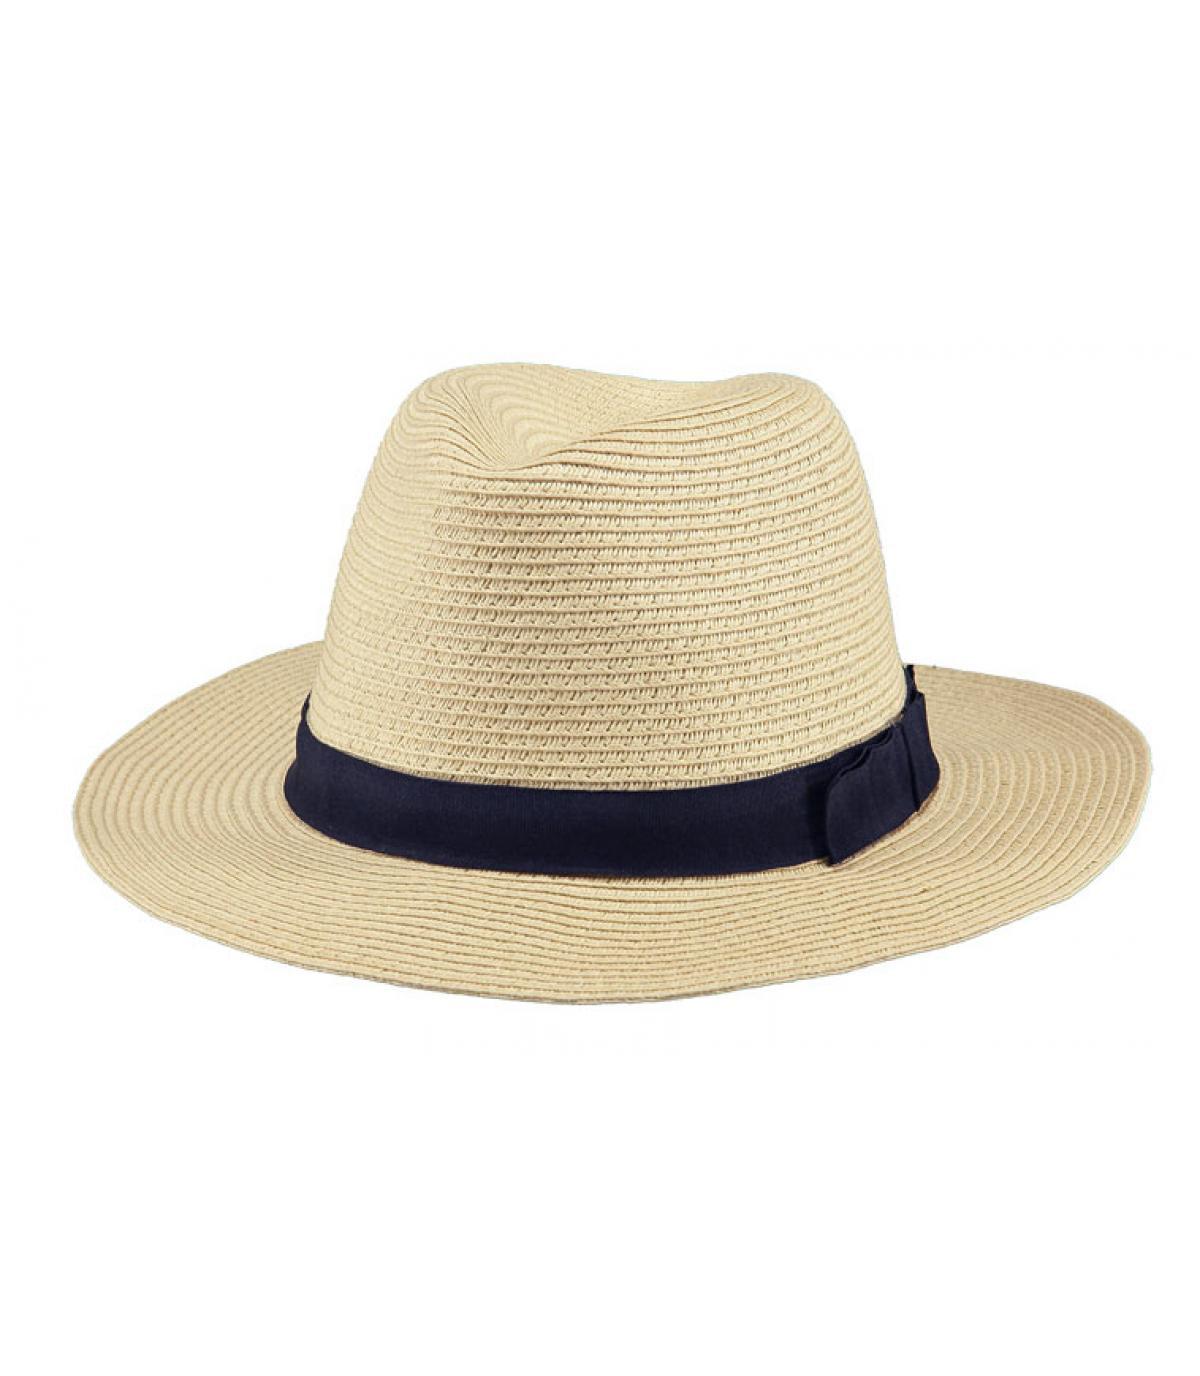 Cappello paglia beige nastro blu